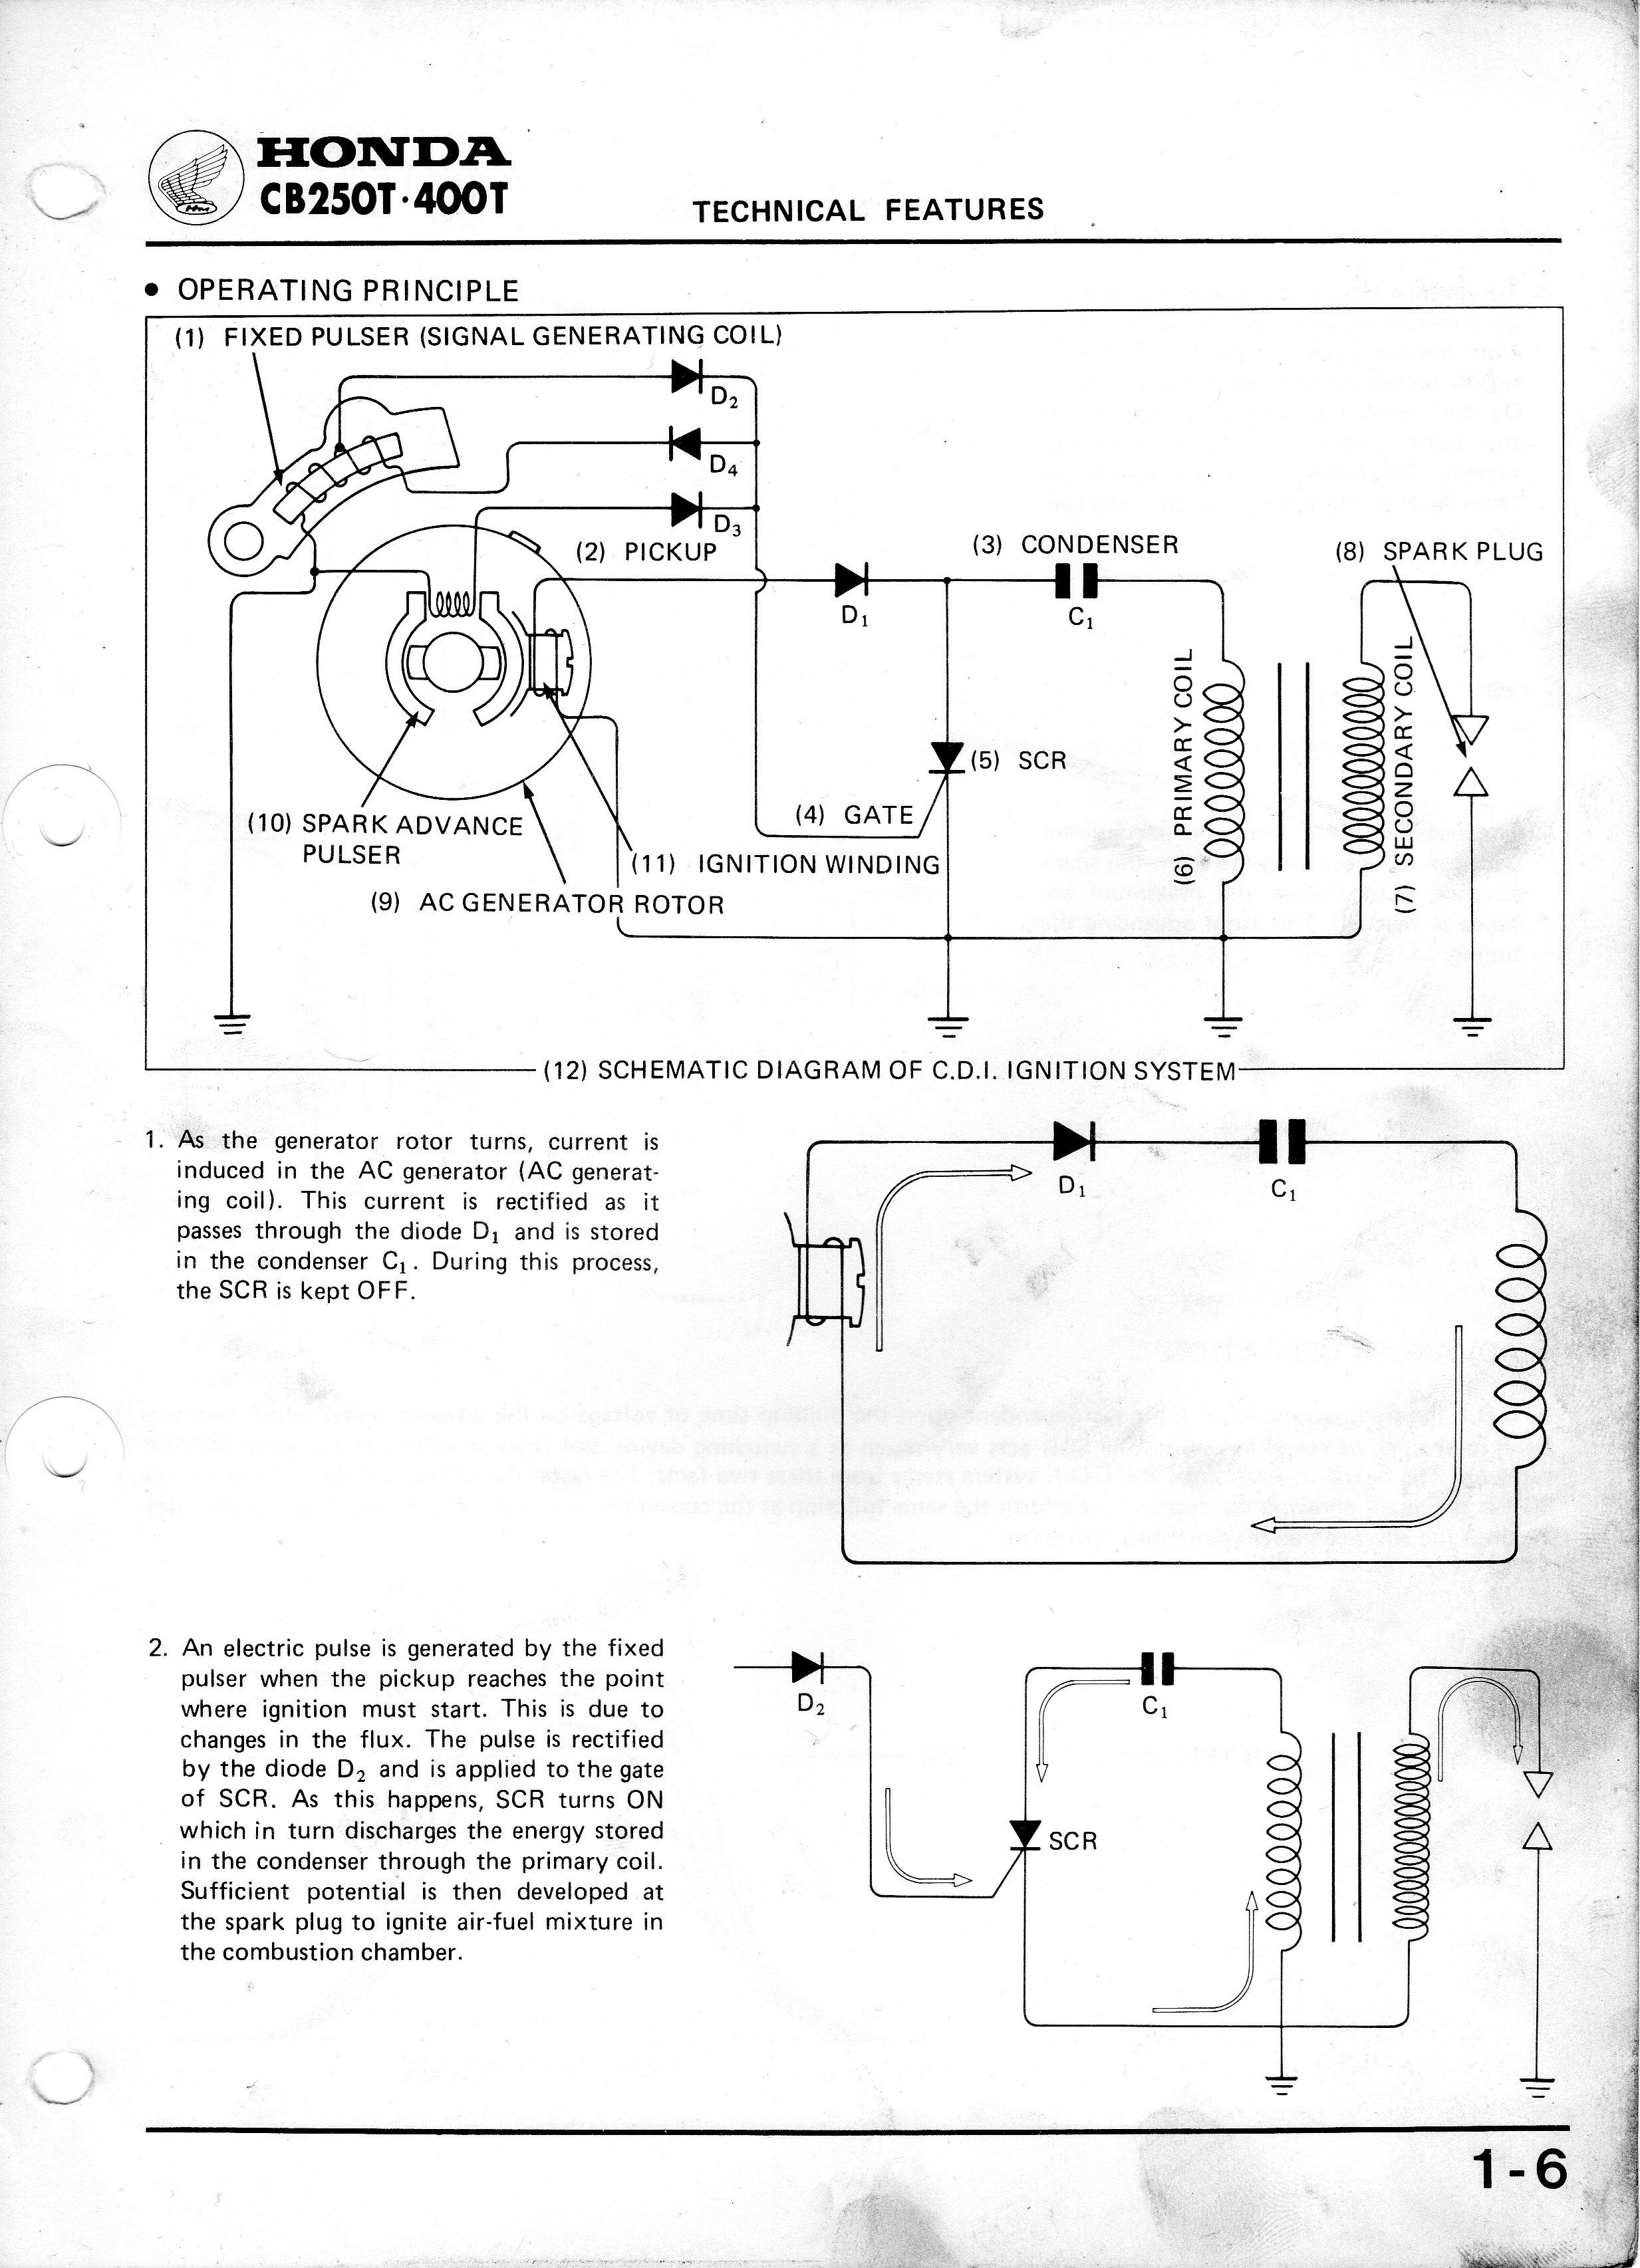 EE hlep needed-img_7044.jpg